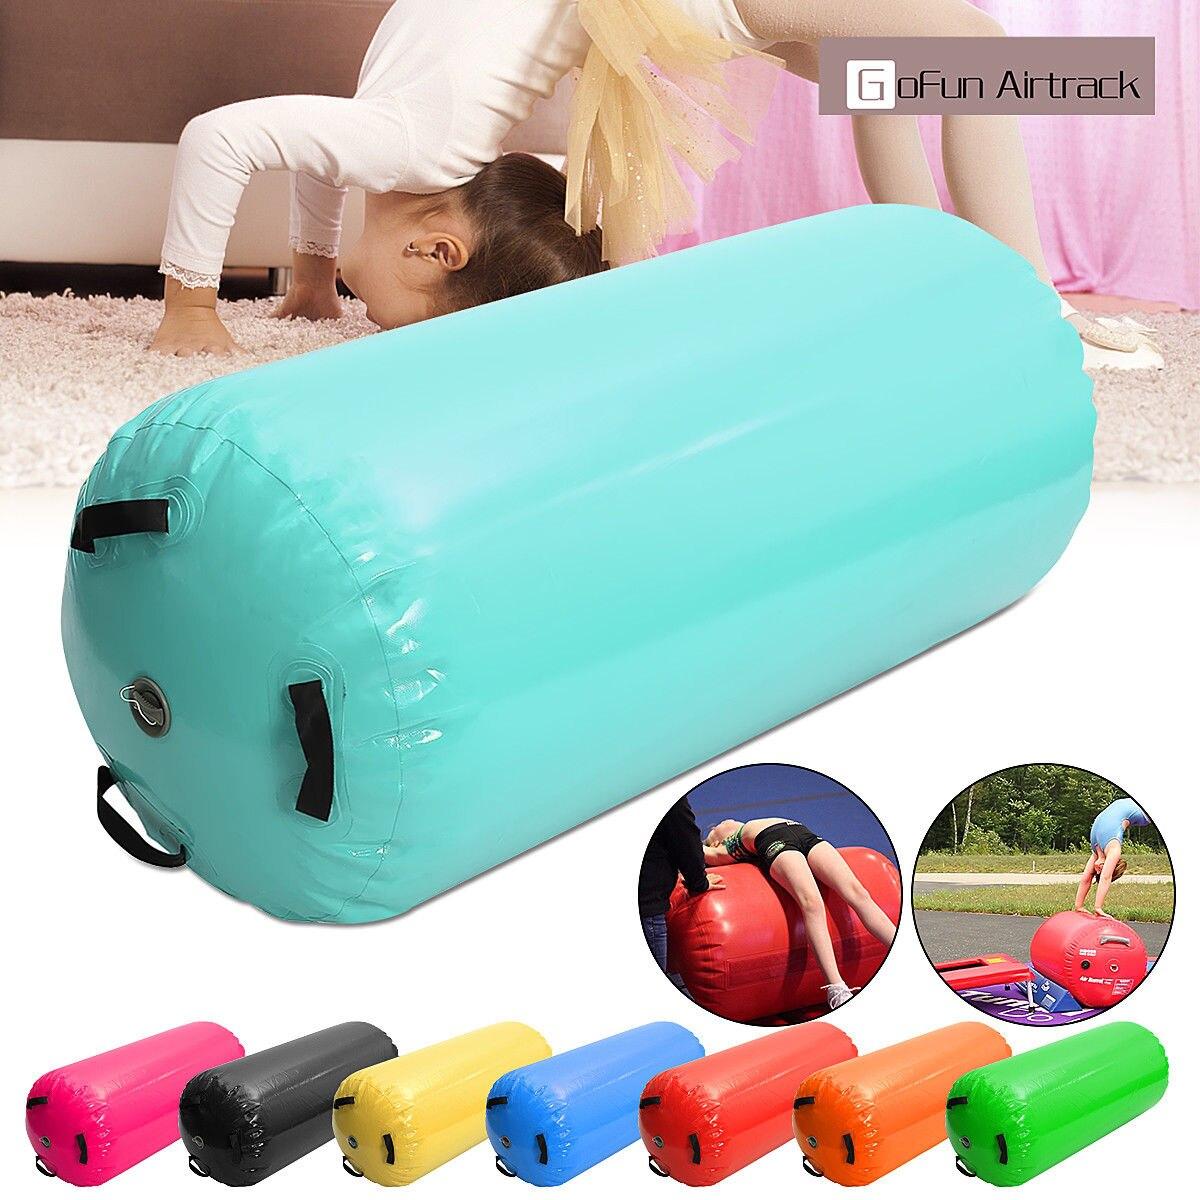 Herramientas de ejercicio de cilindro de gimnasia de 120 cm x 90 cm